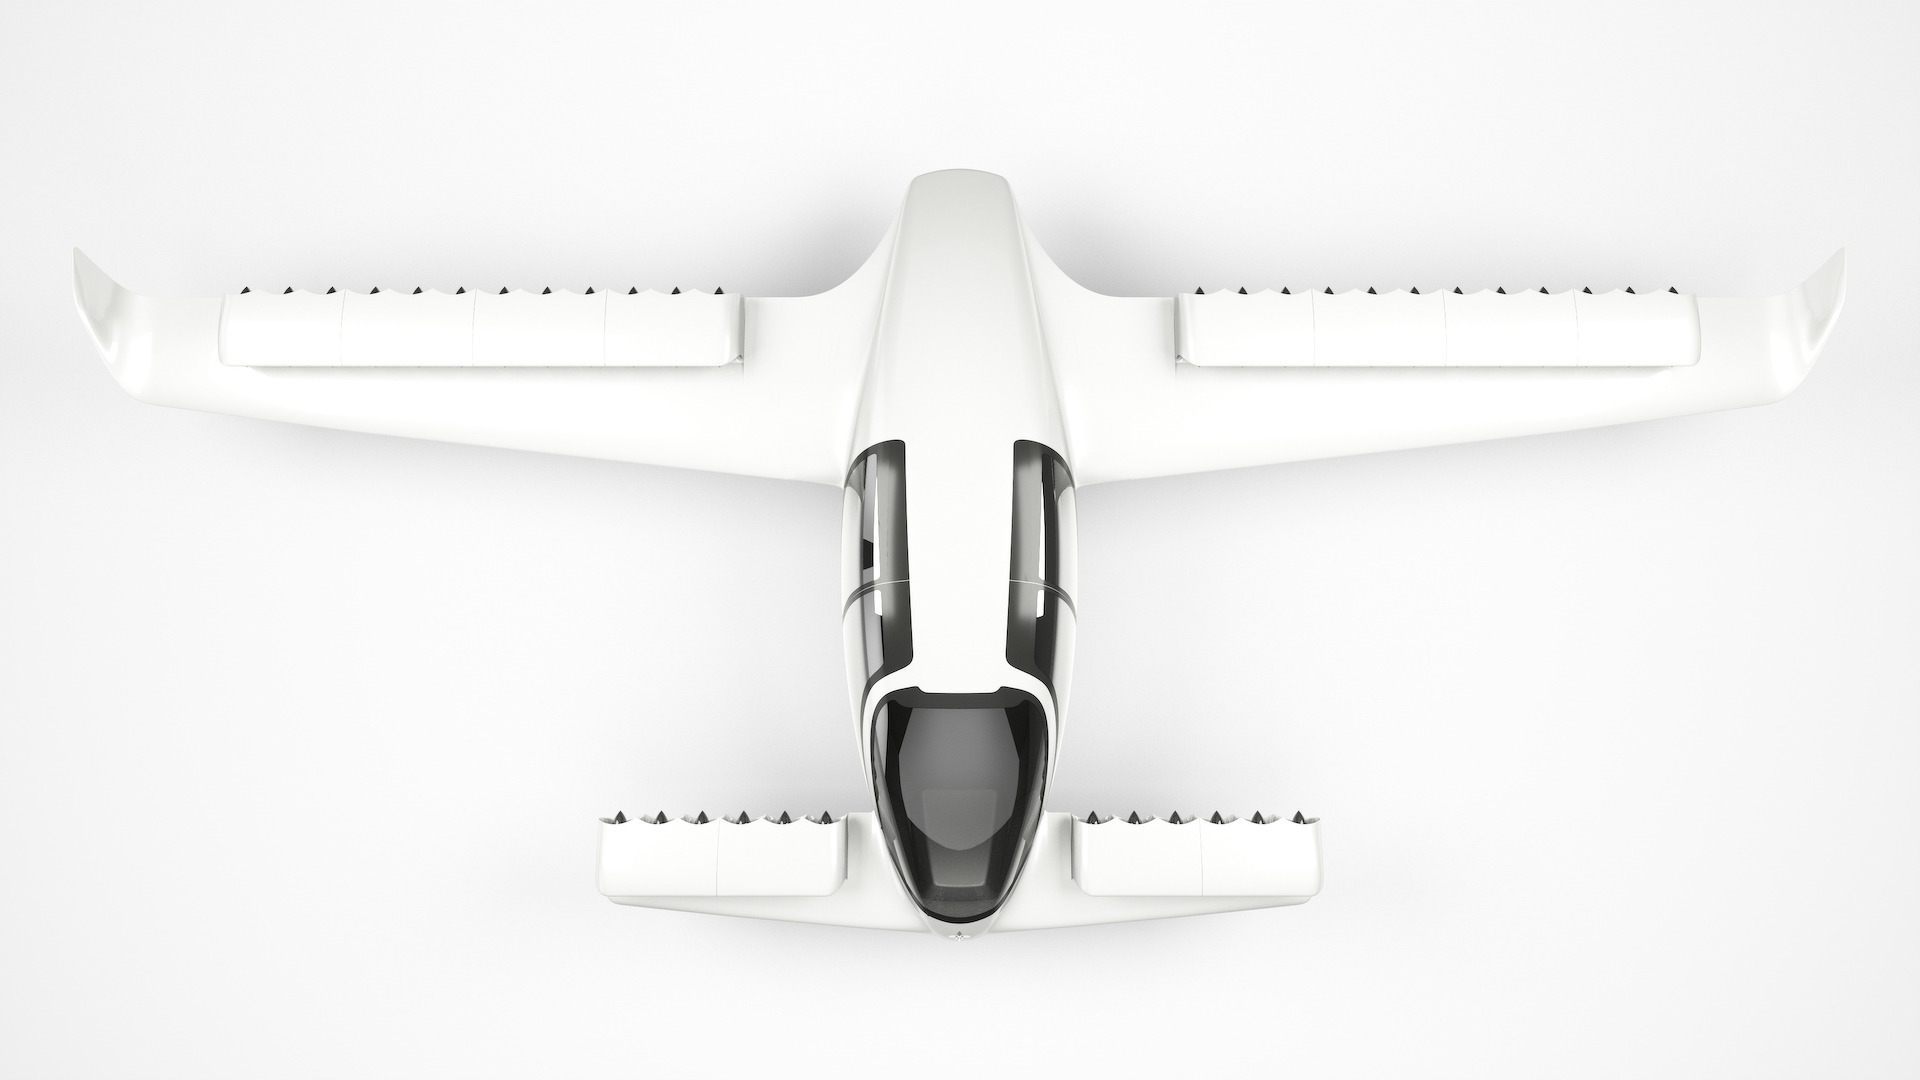 lilium-jet (16)